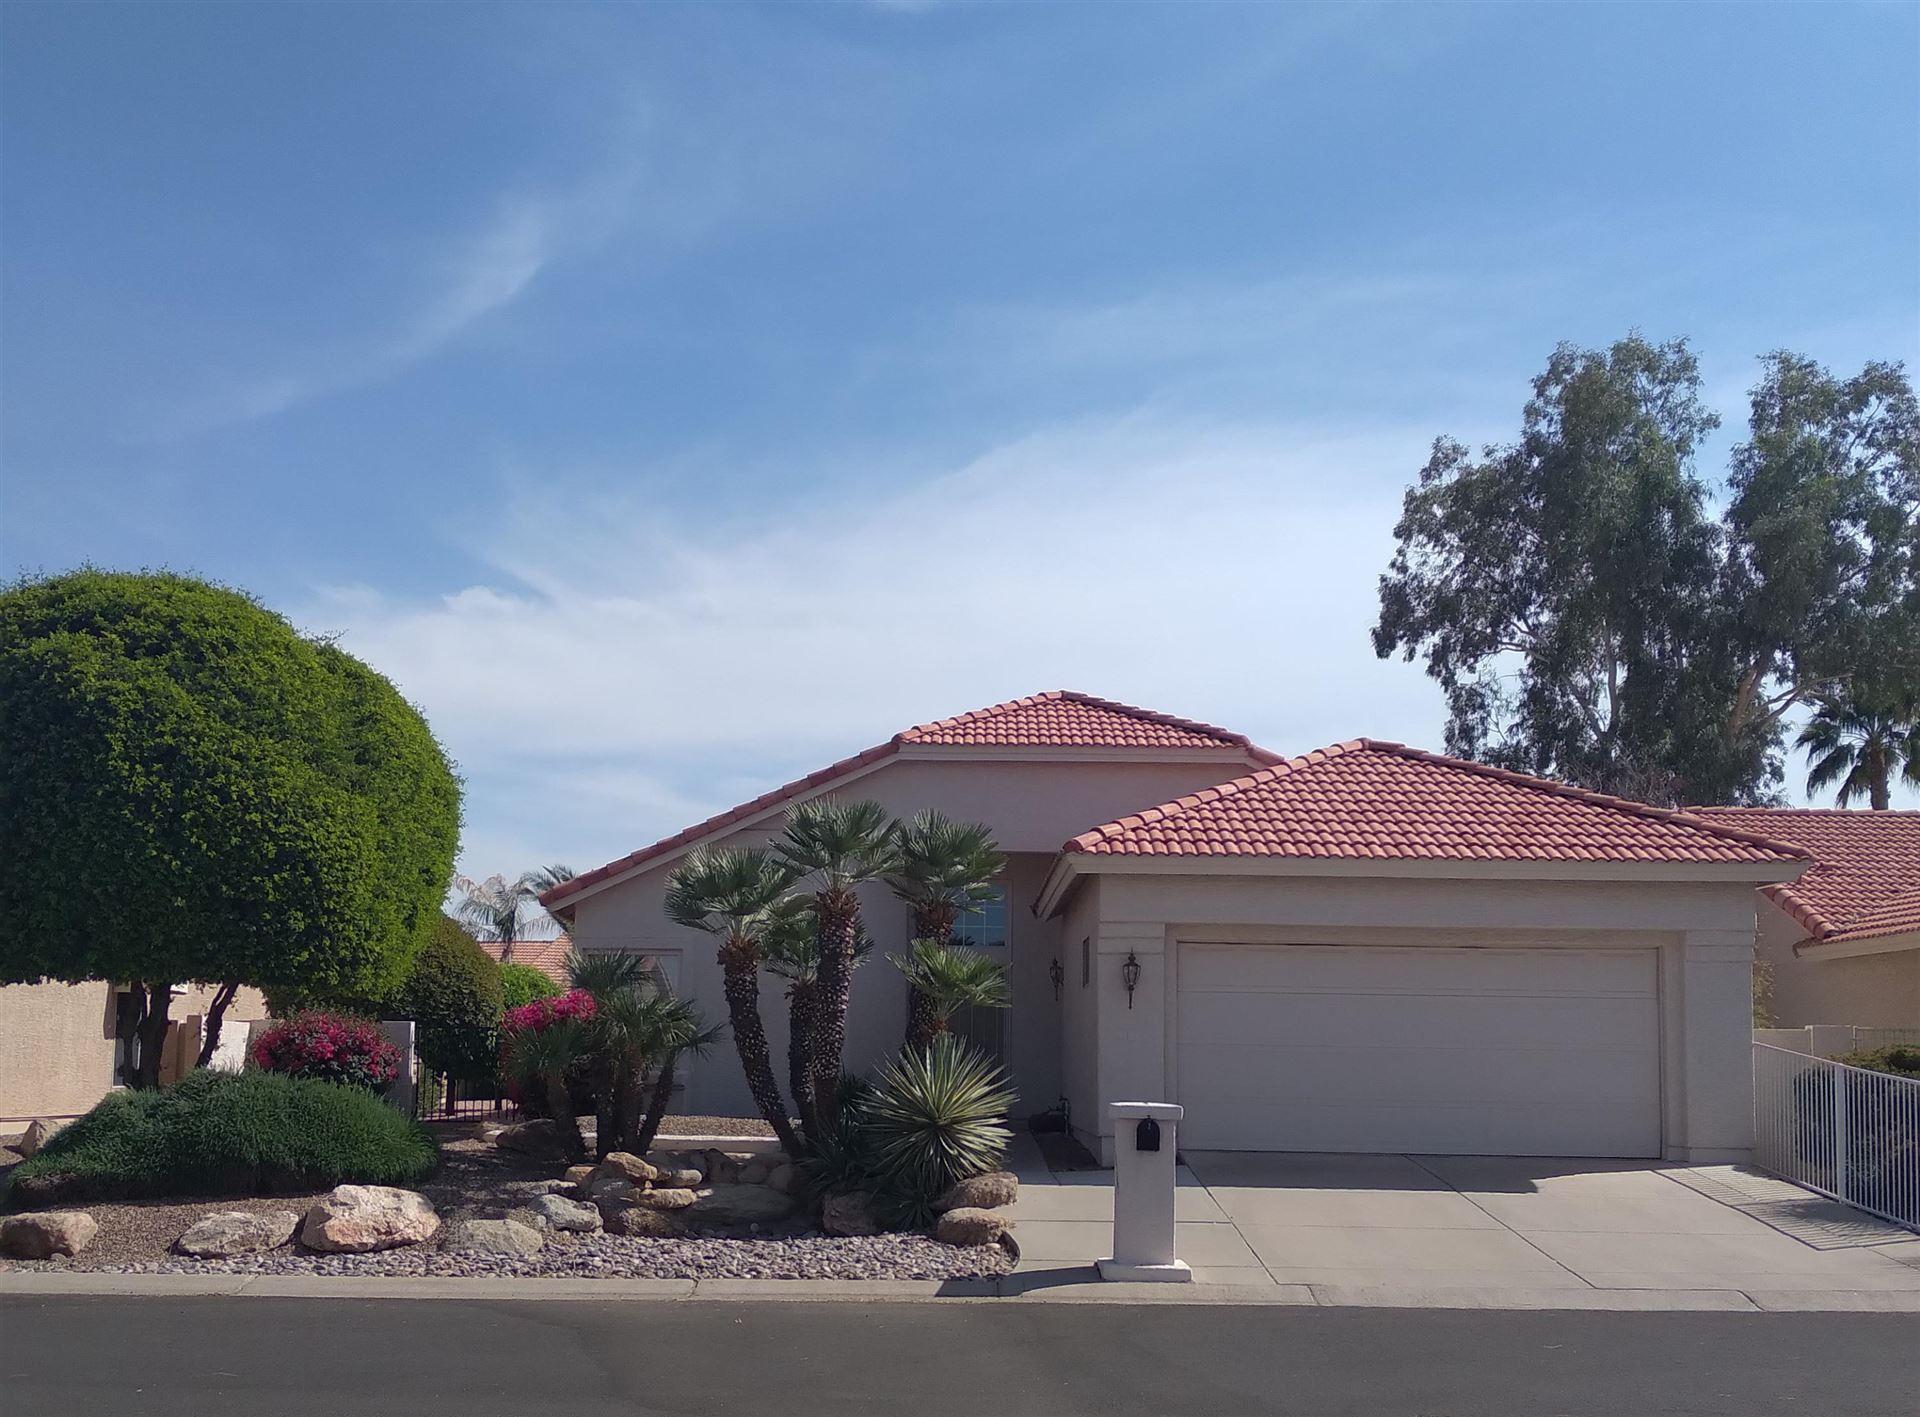 10545 E CEDAR WAXWING Drive, Sun Lakes, AZ 85248 - #: 6221171